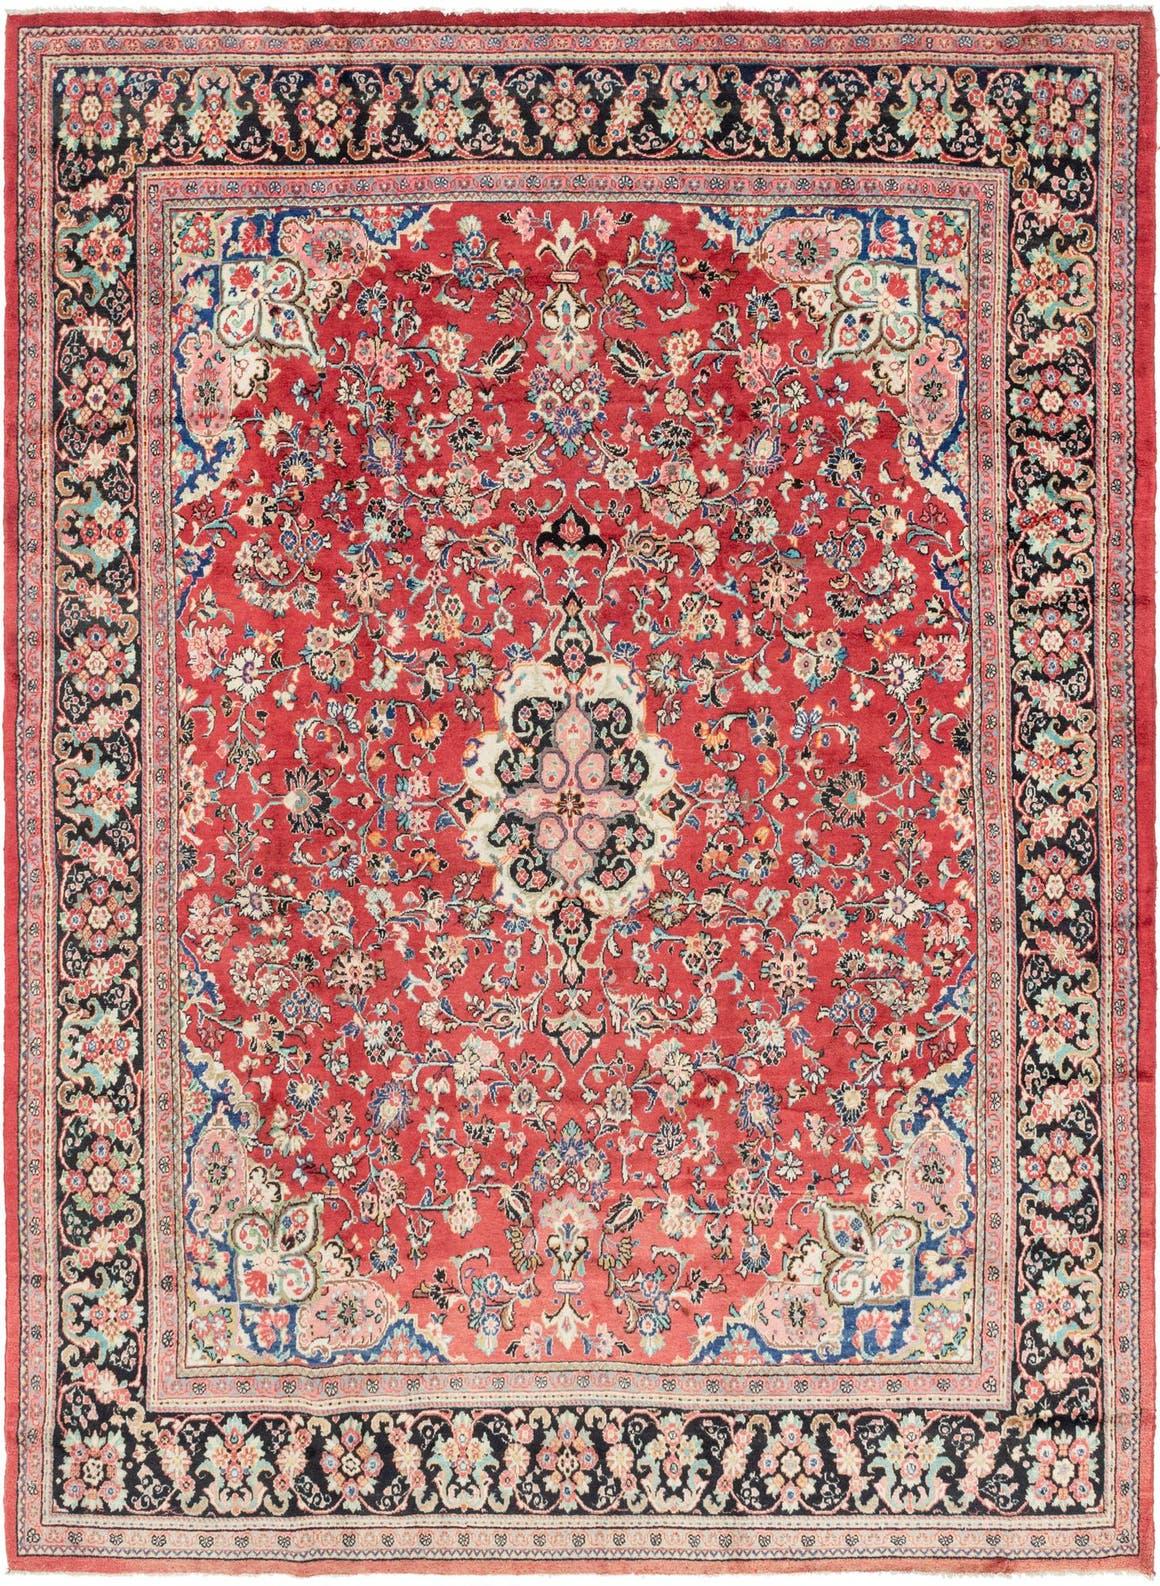 10' x 14' Meshkabad Persian Rug main image